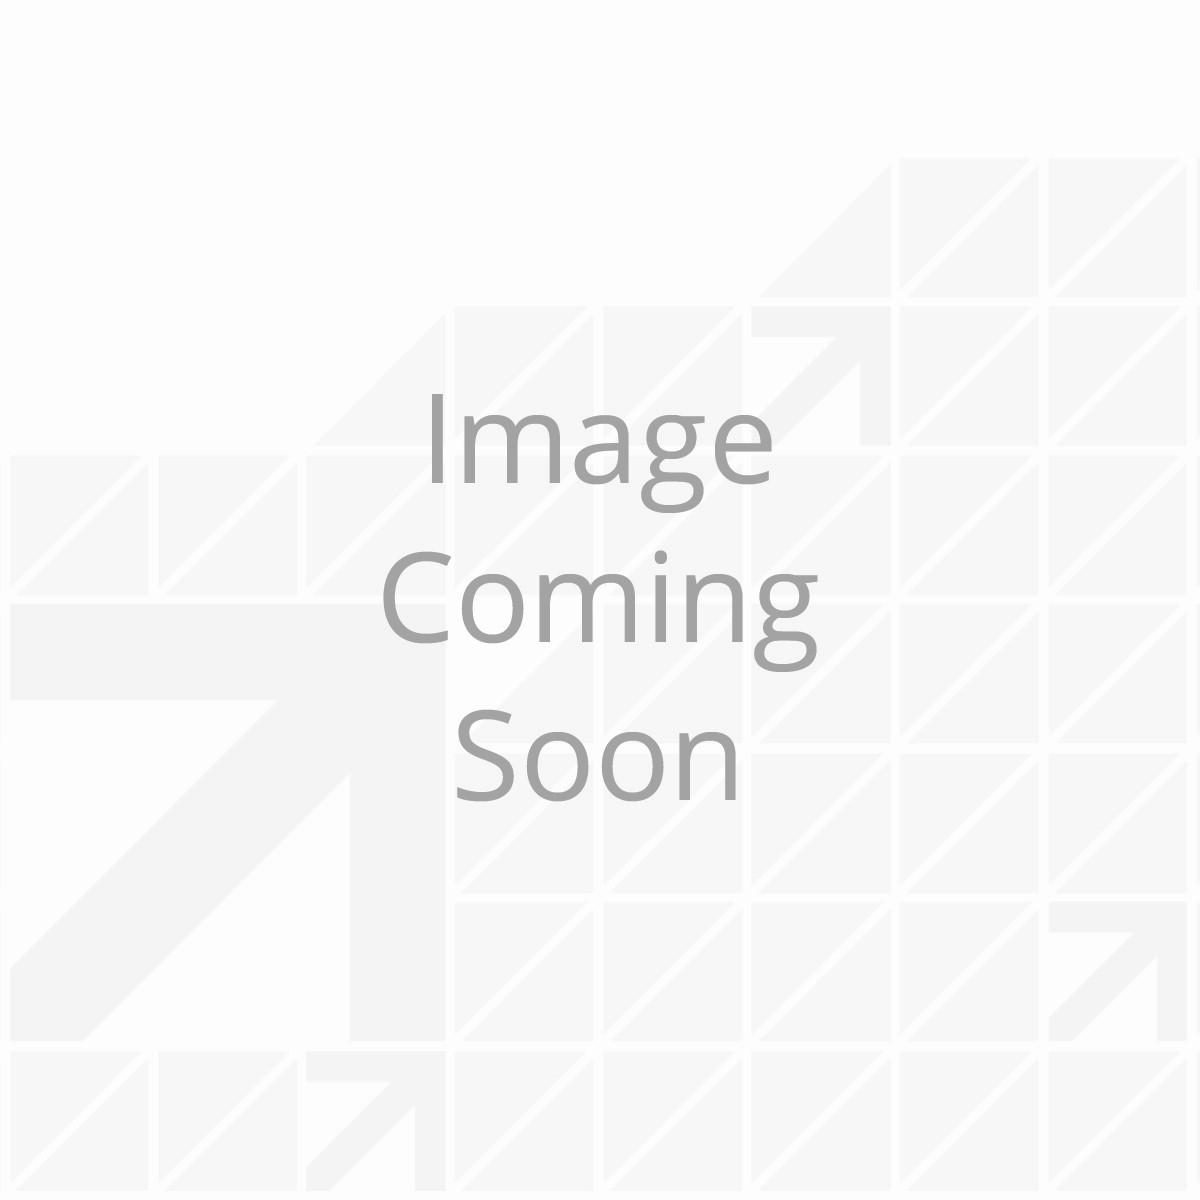 50A 125/250V LED Cordset -  50' (White)